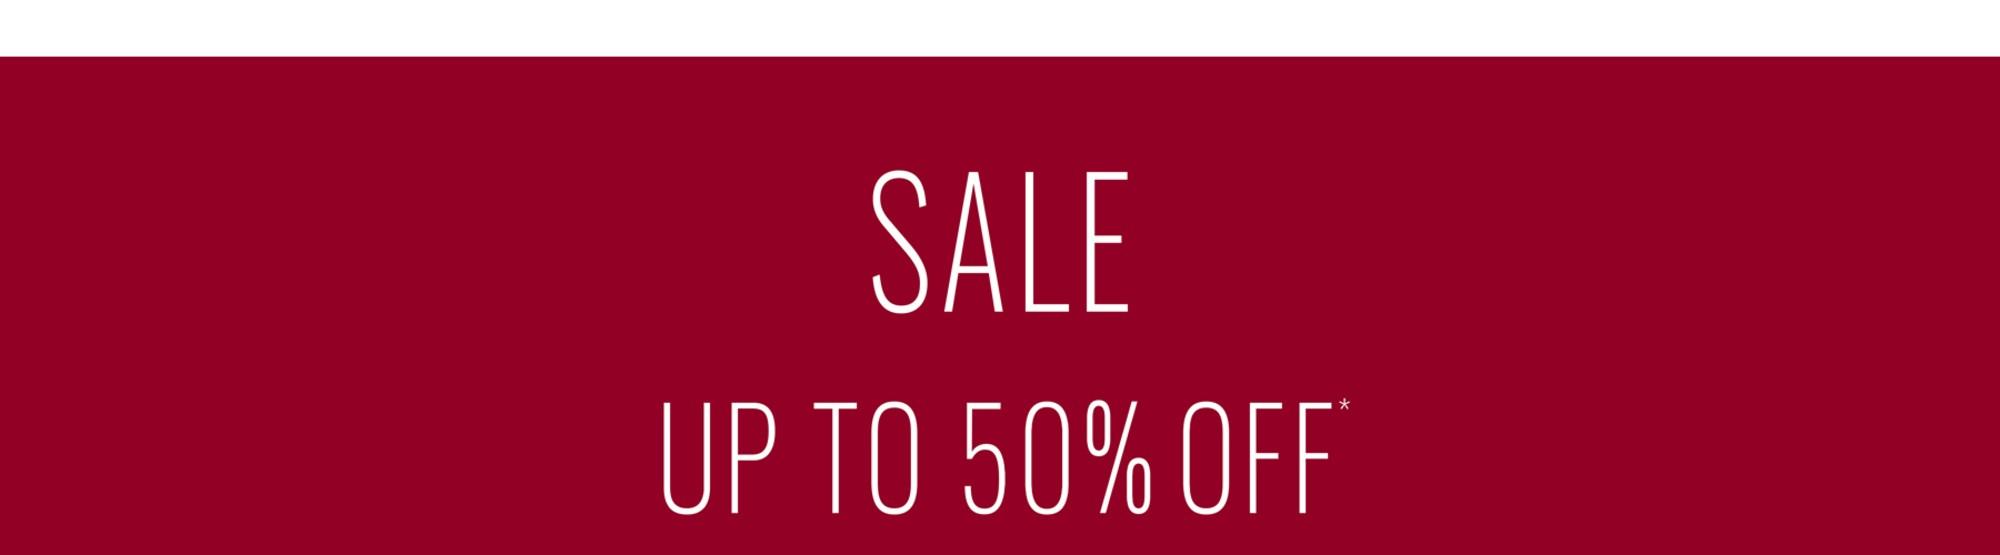 Upto 50% Off* Sale